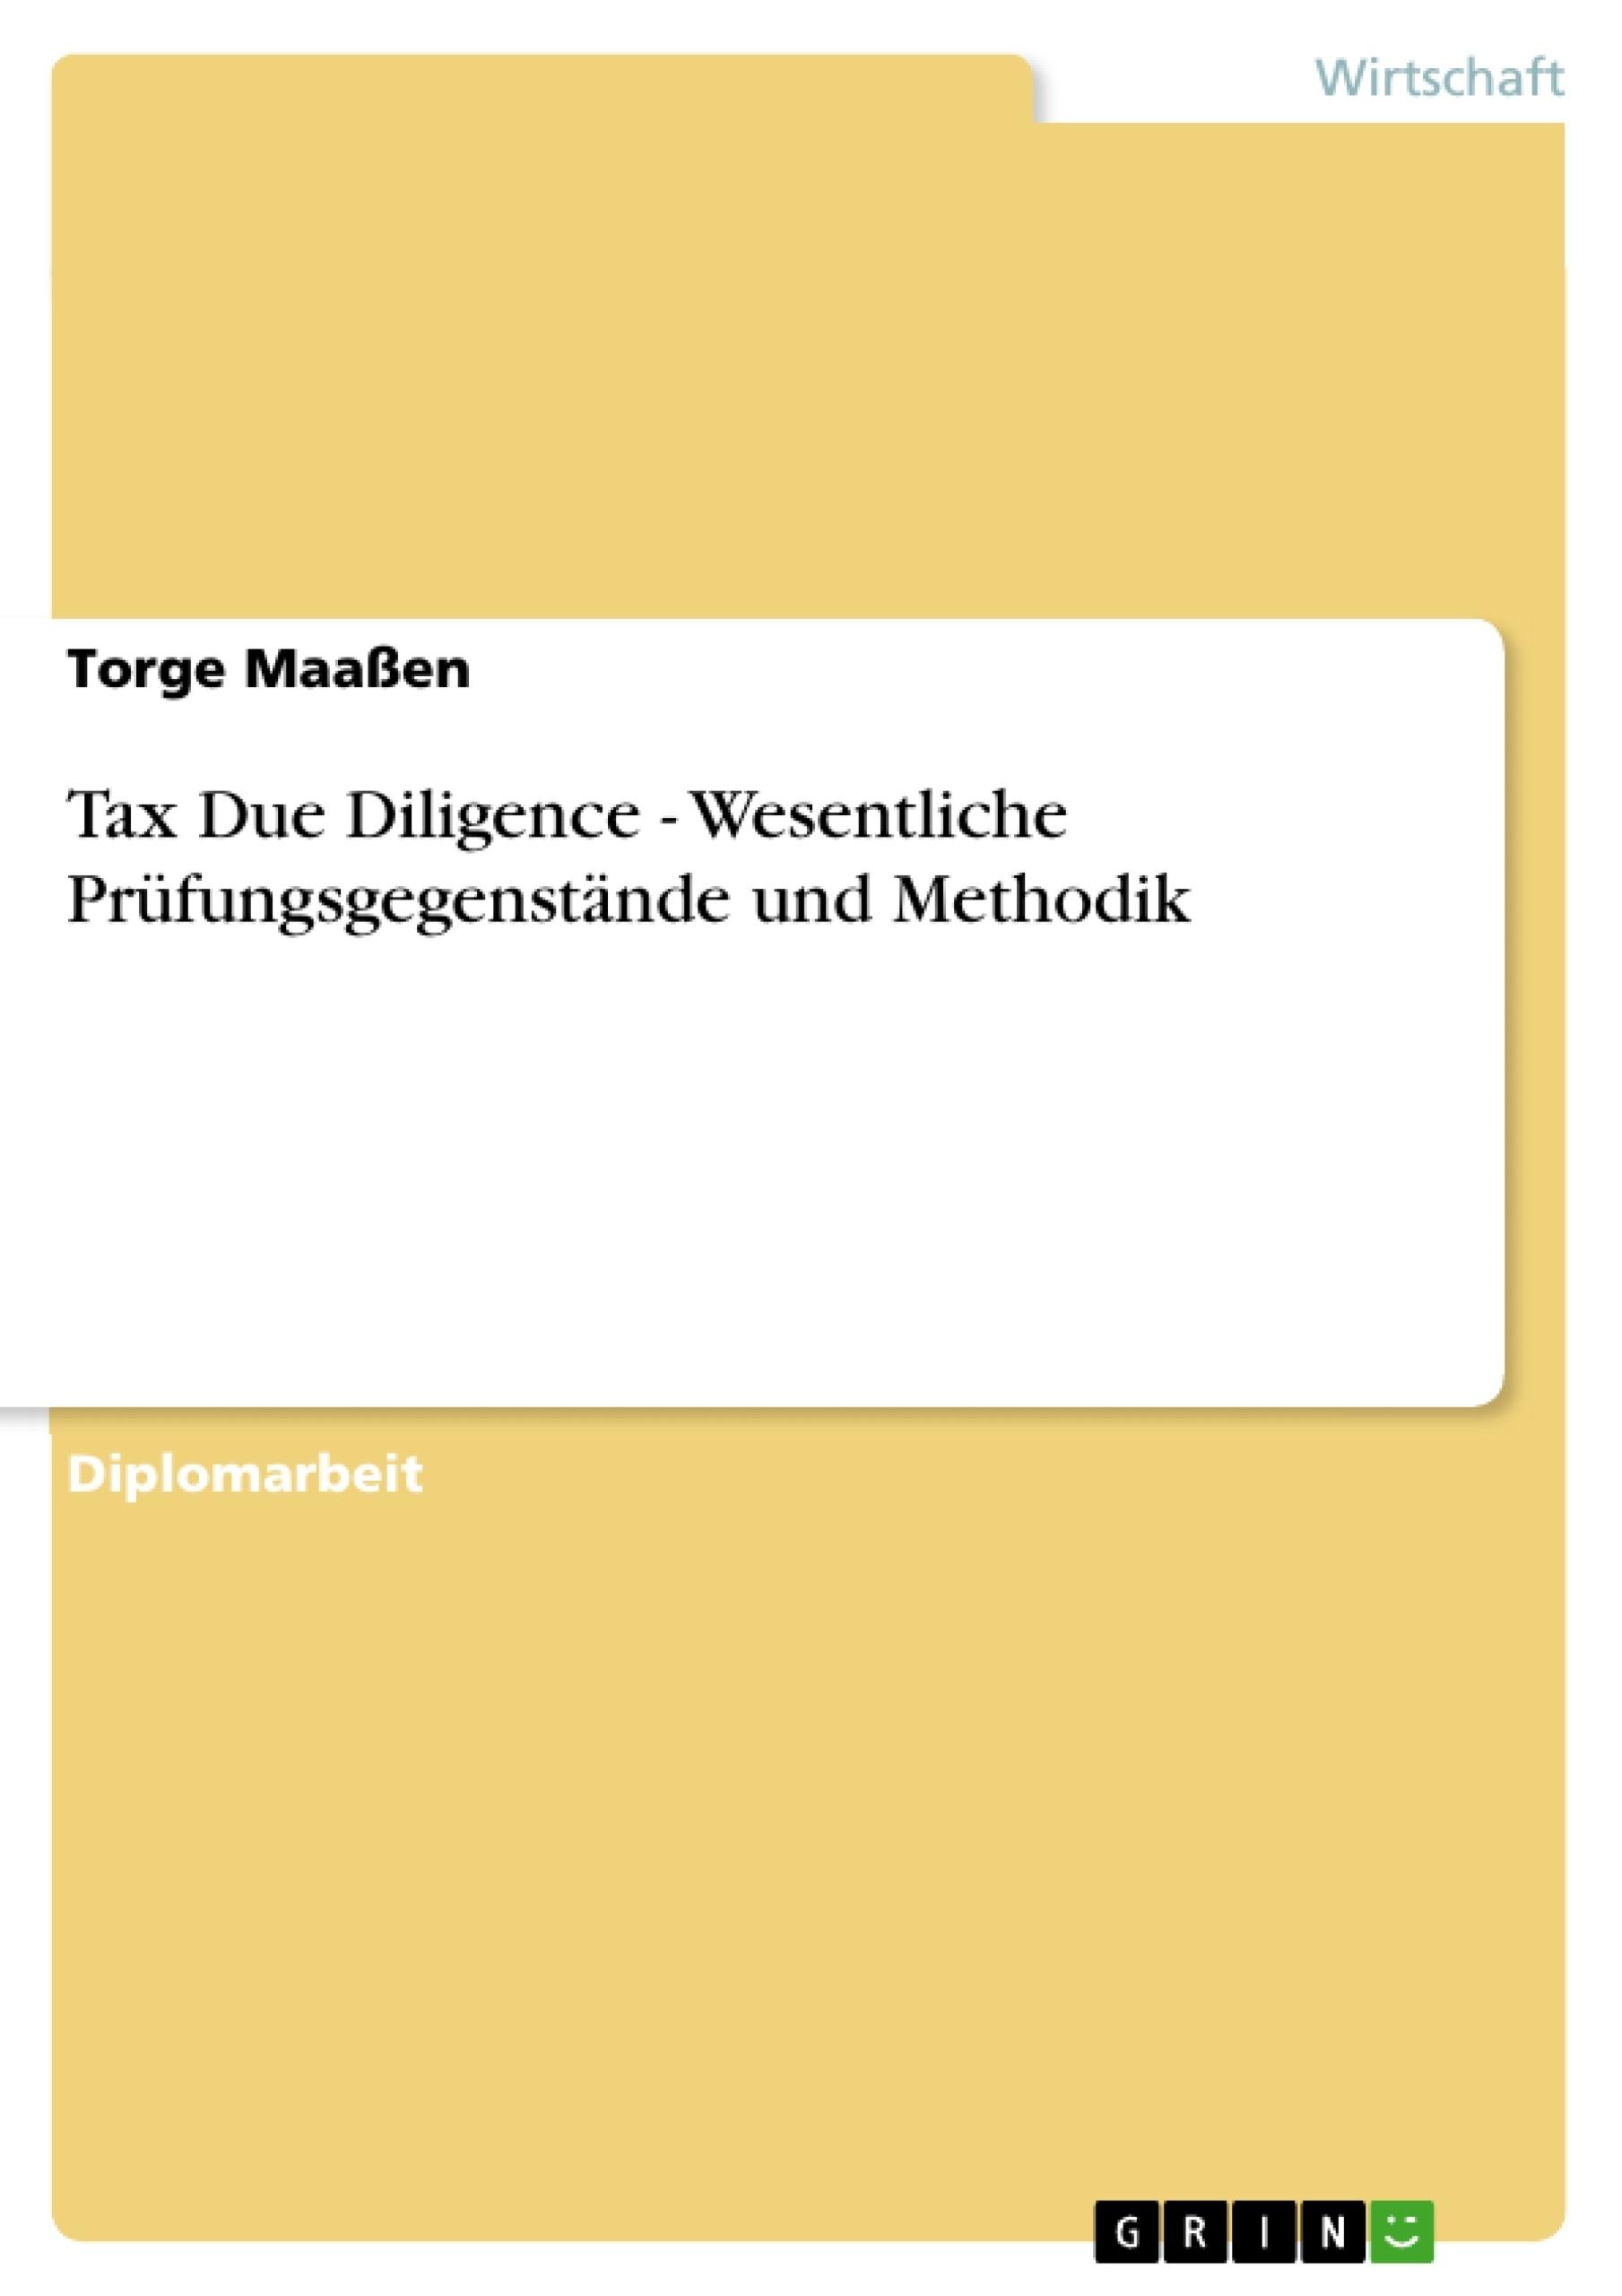 Titel: Tax Due Diligence - Wesentliche Prüfungsgegenstände und Methodik